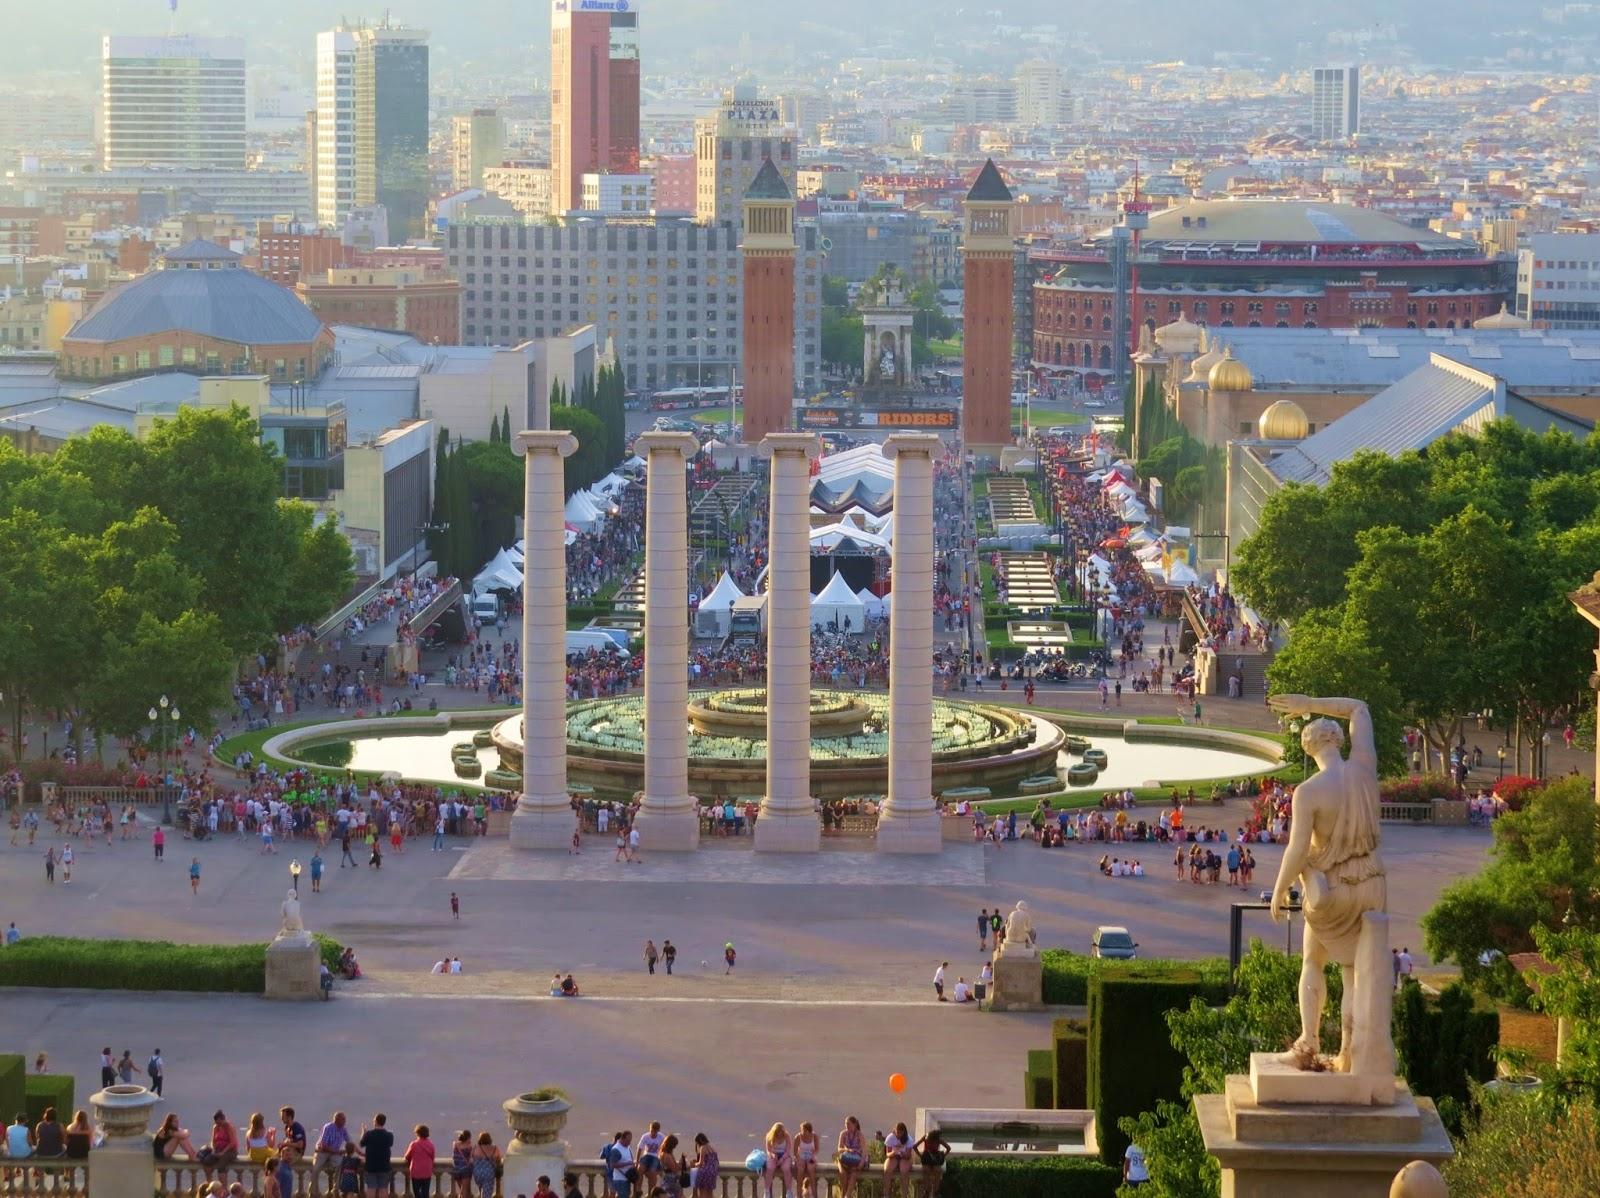 Vista da Plaza de Espanha Barcelona